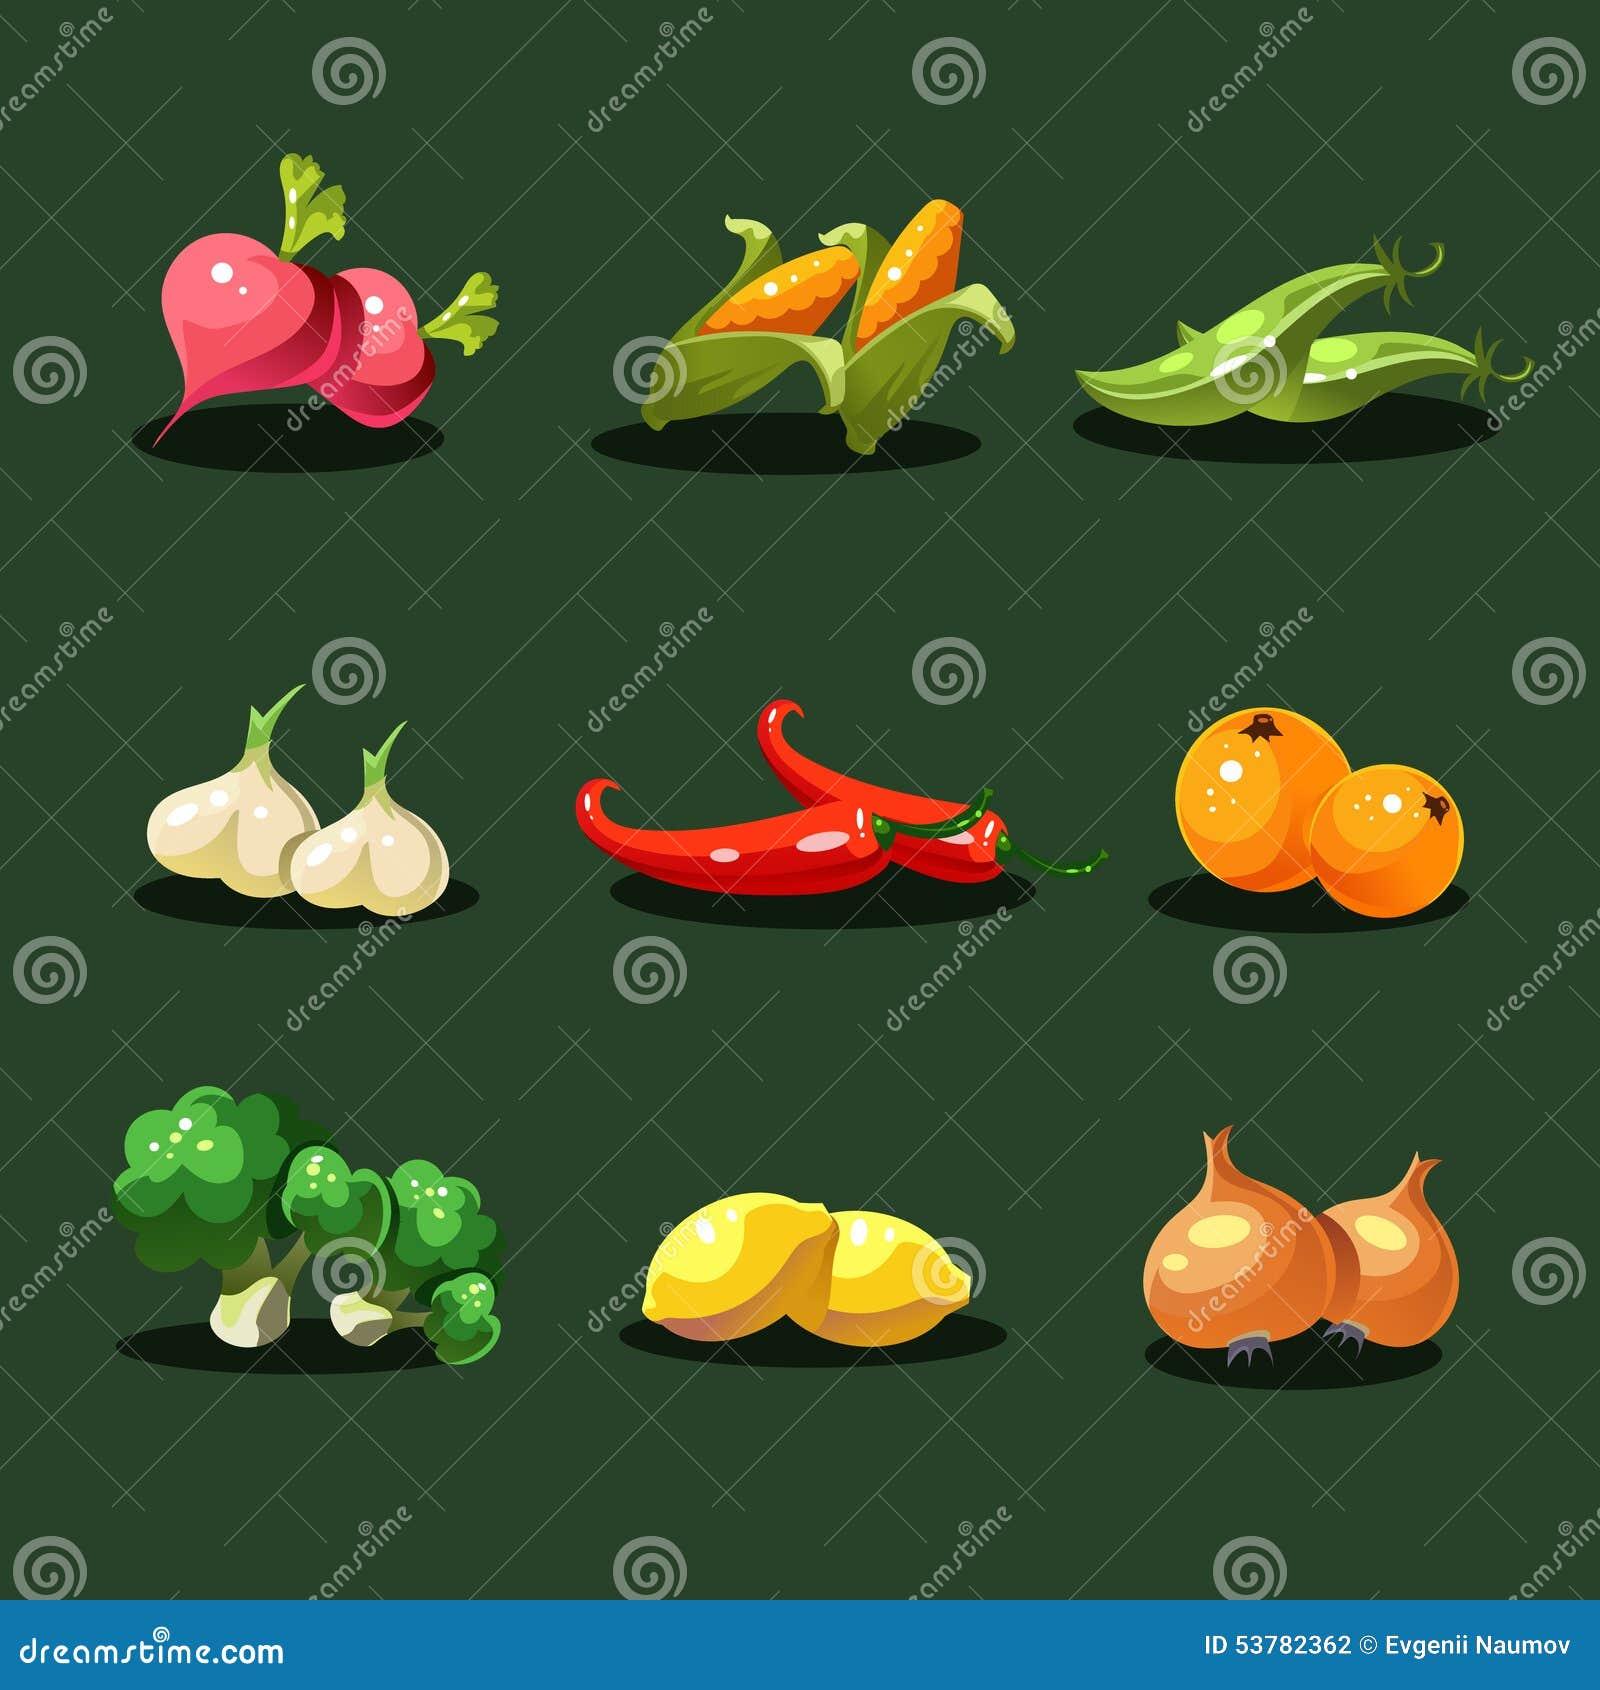 Obst und Gemüse Ikonen-Vektor des biologischen Lebensmittels